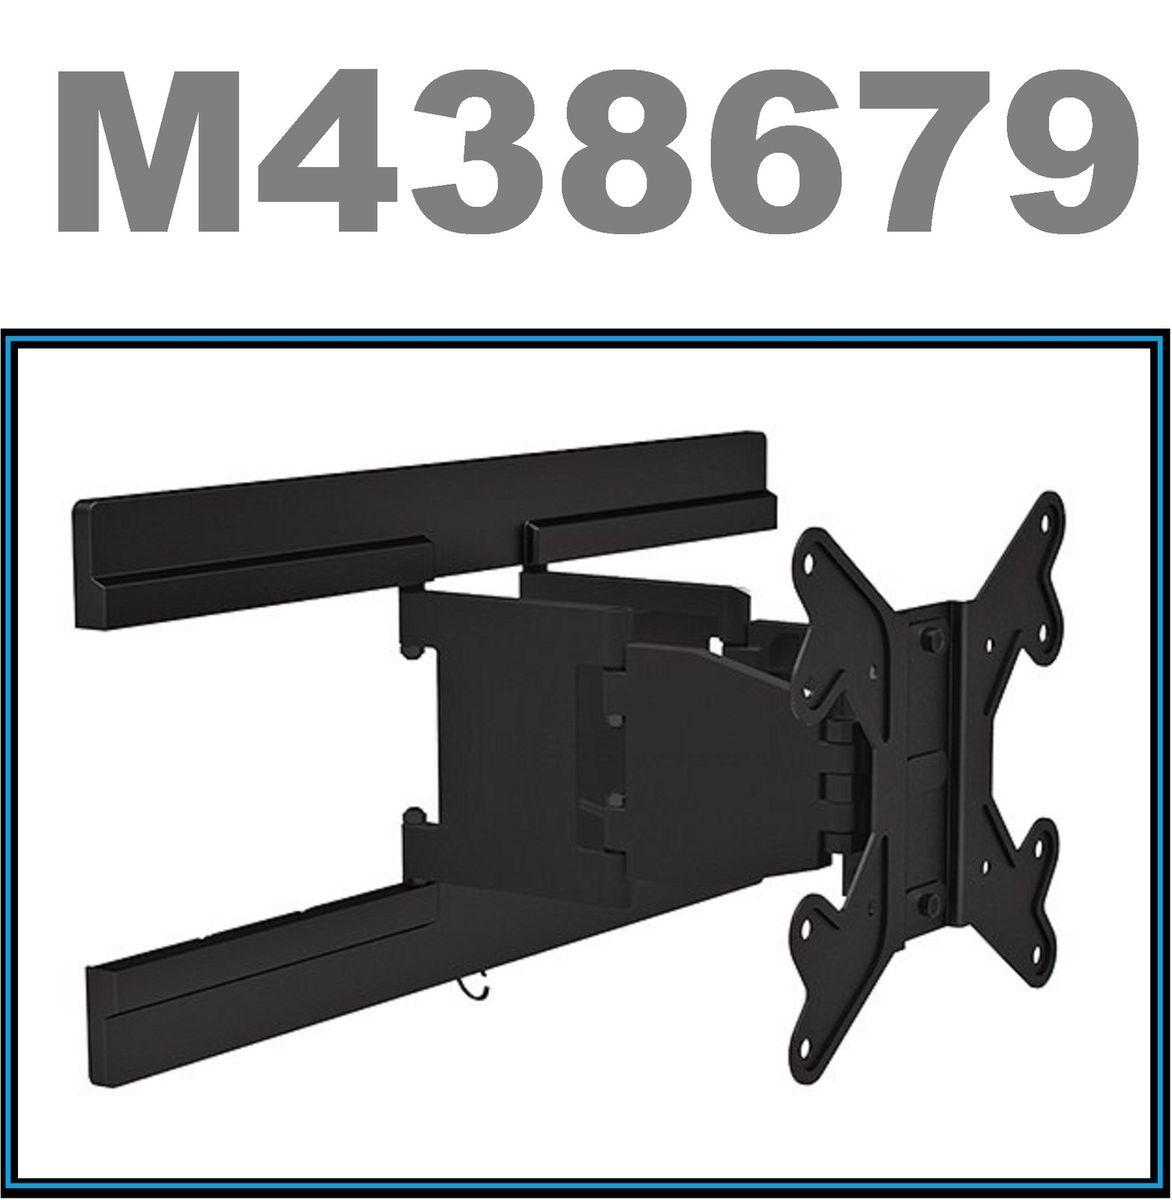 Tilt Swivel Slim Flat Panel Wall Mount Bracket for 23242632 inch